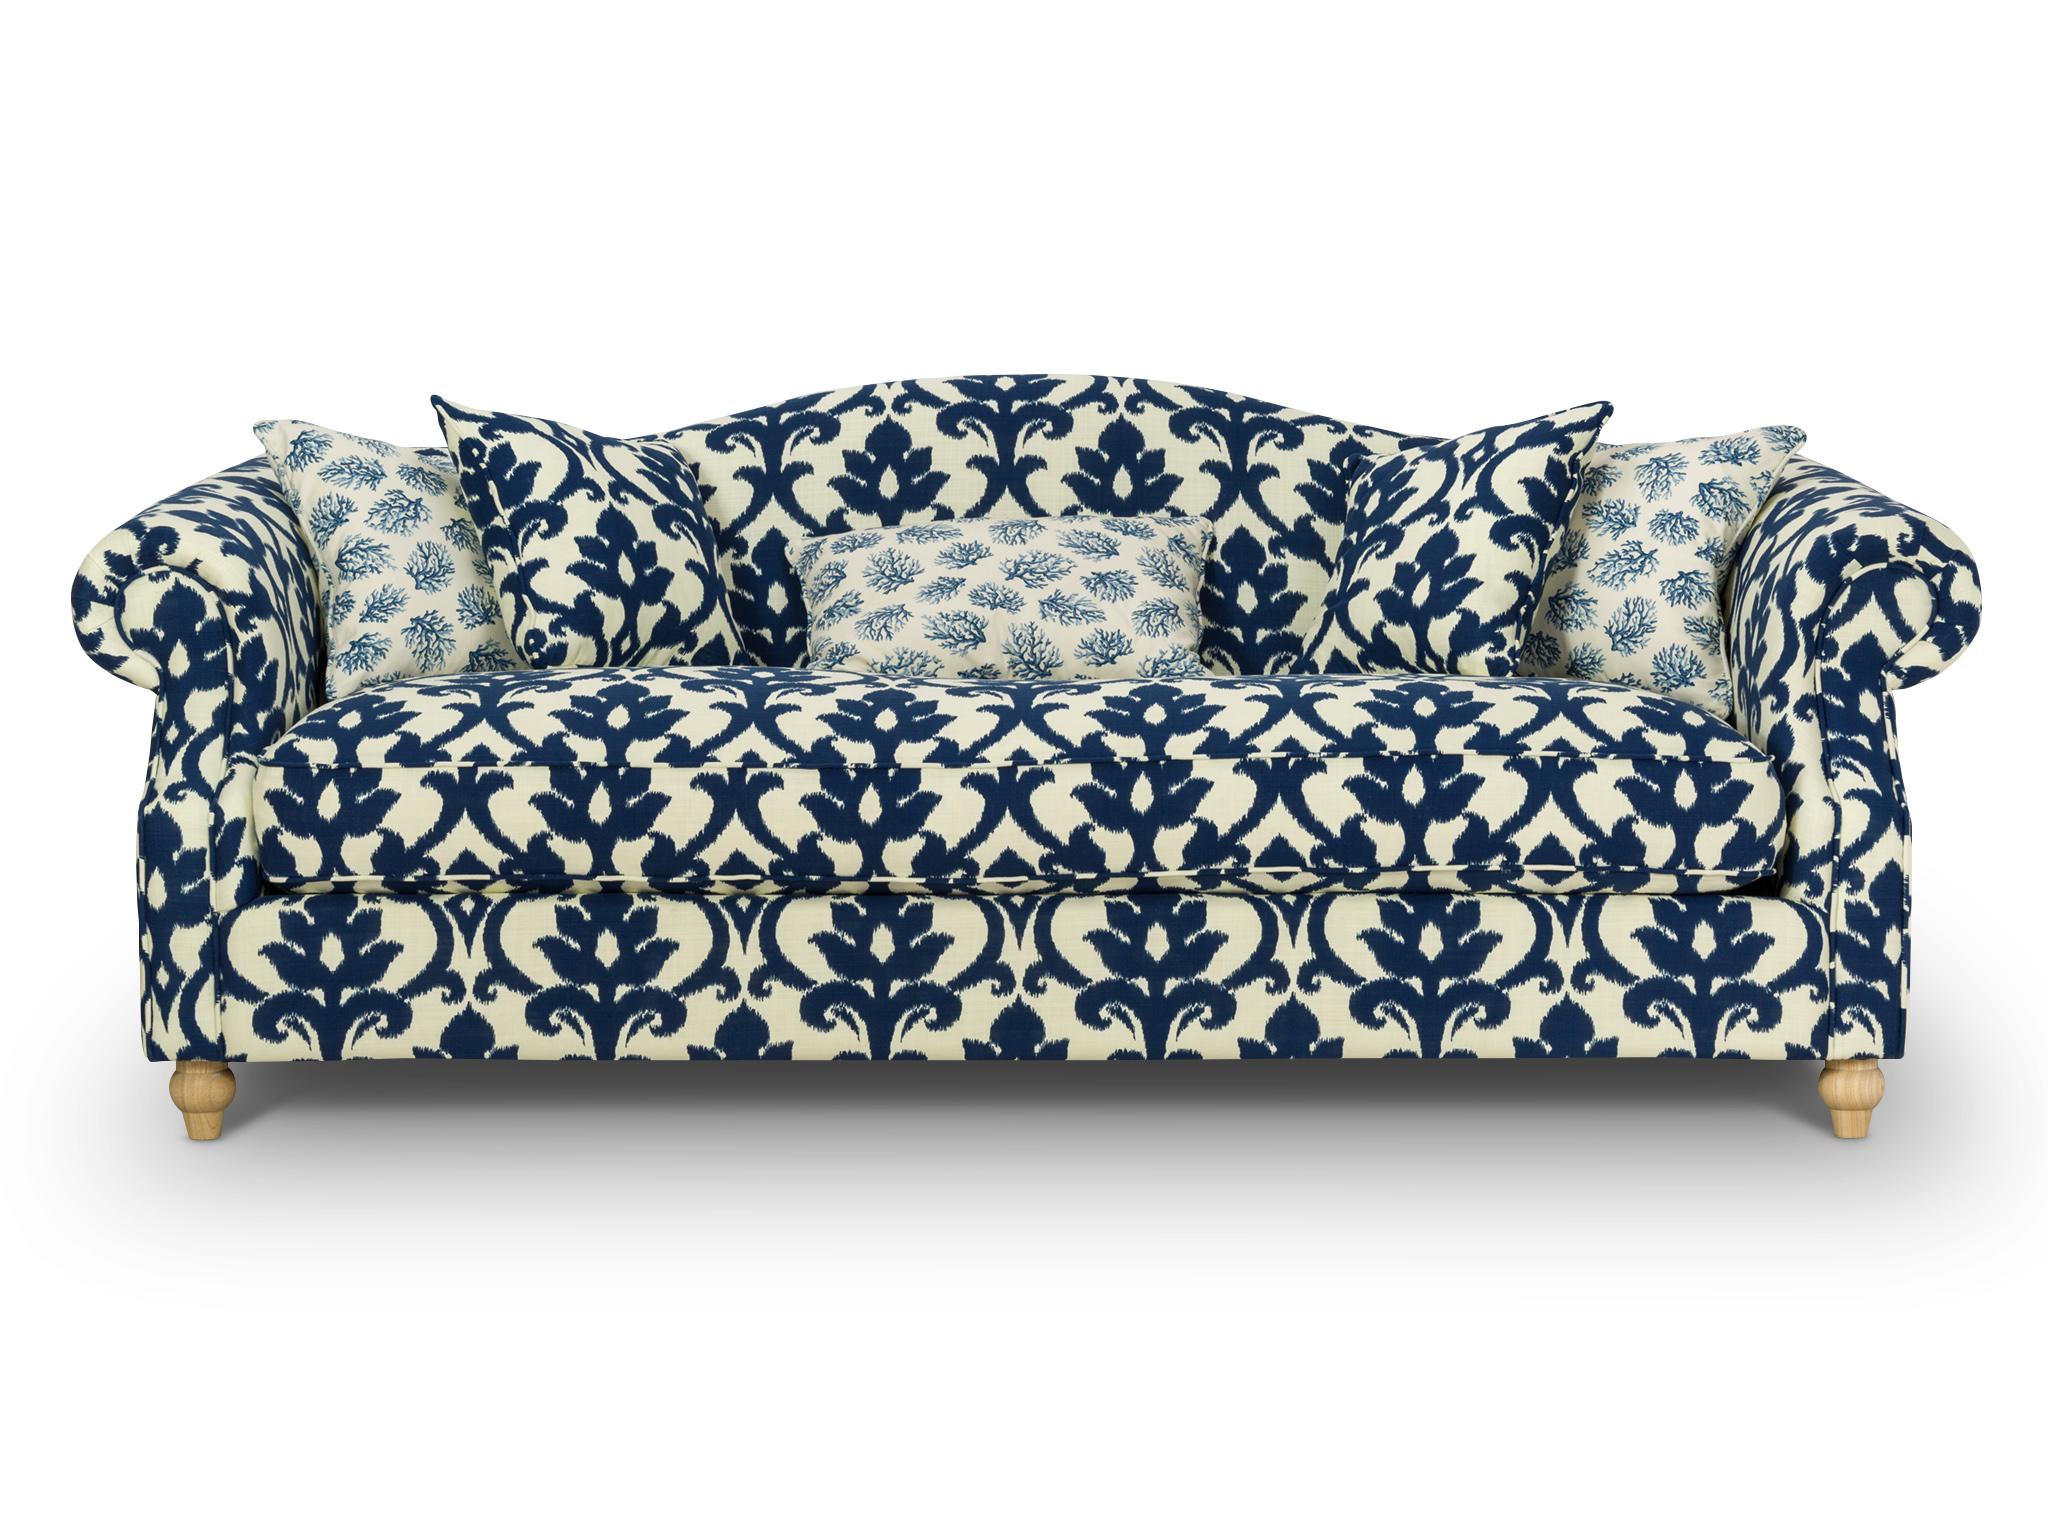 Диван BettyТрехместные диваны<br>Диван — яркий акцент. Поможет создать настроение Вашей гостиной.<br><br>Material: Текстиль<br>Ширина см: 230.0<br>Высота см: 69.0<br>Глубина см: 99.0